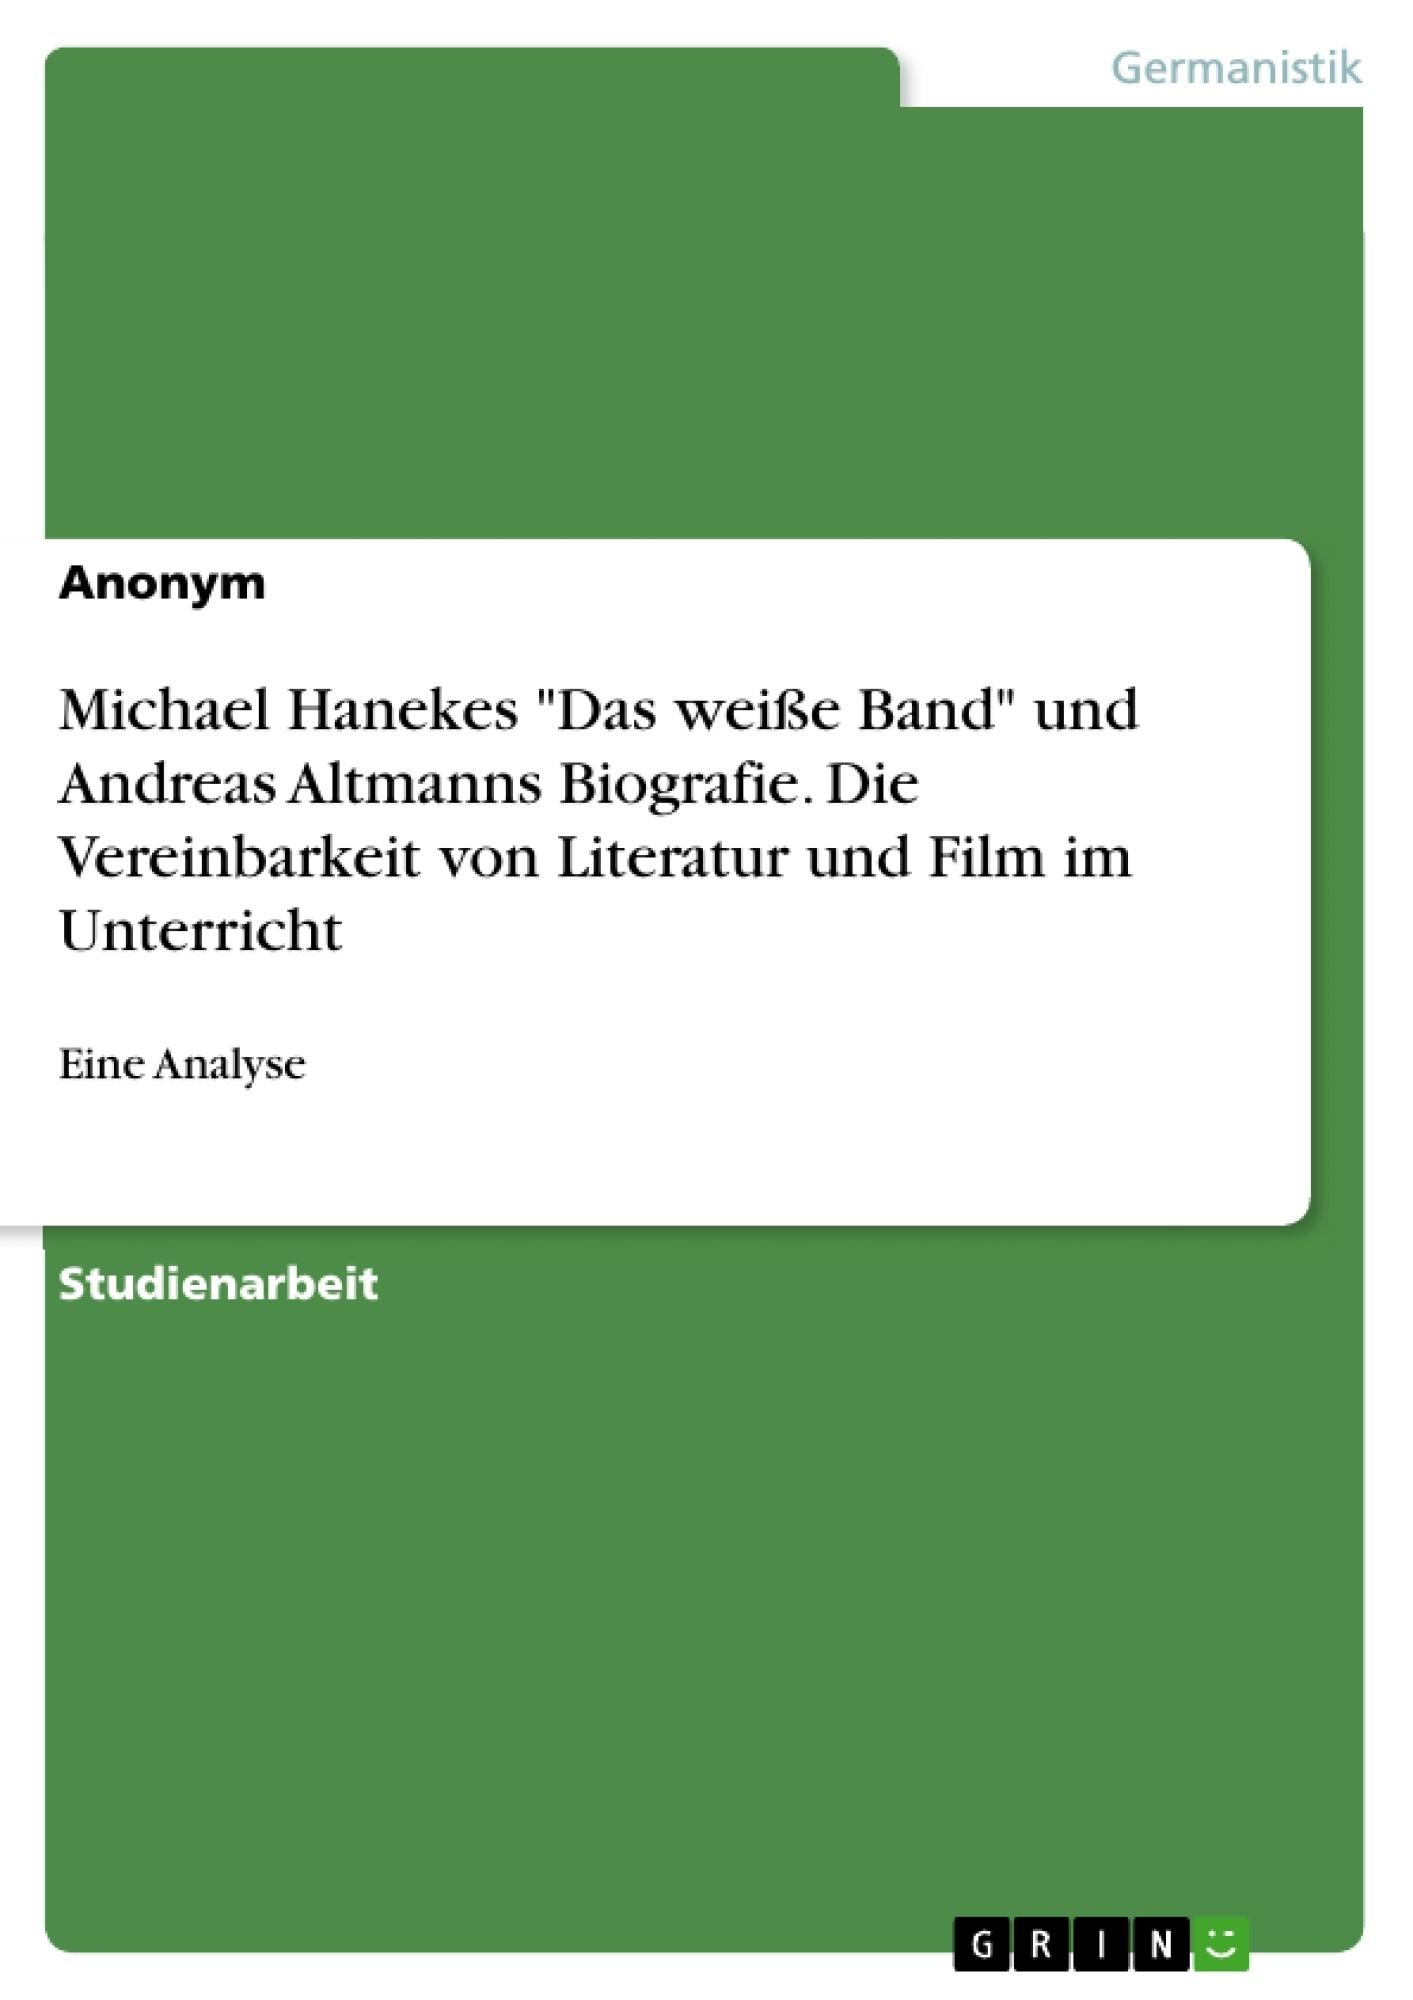 """Titel: Michael Hanekes """"Das weiße Band"""" und Andreas Altmanns Biografie. Die Vereinbarkeit von Literatur und Film im Unterricht"""